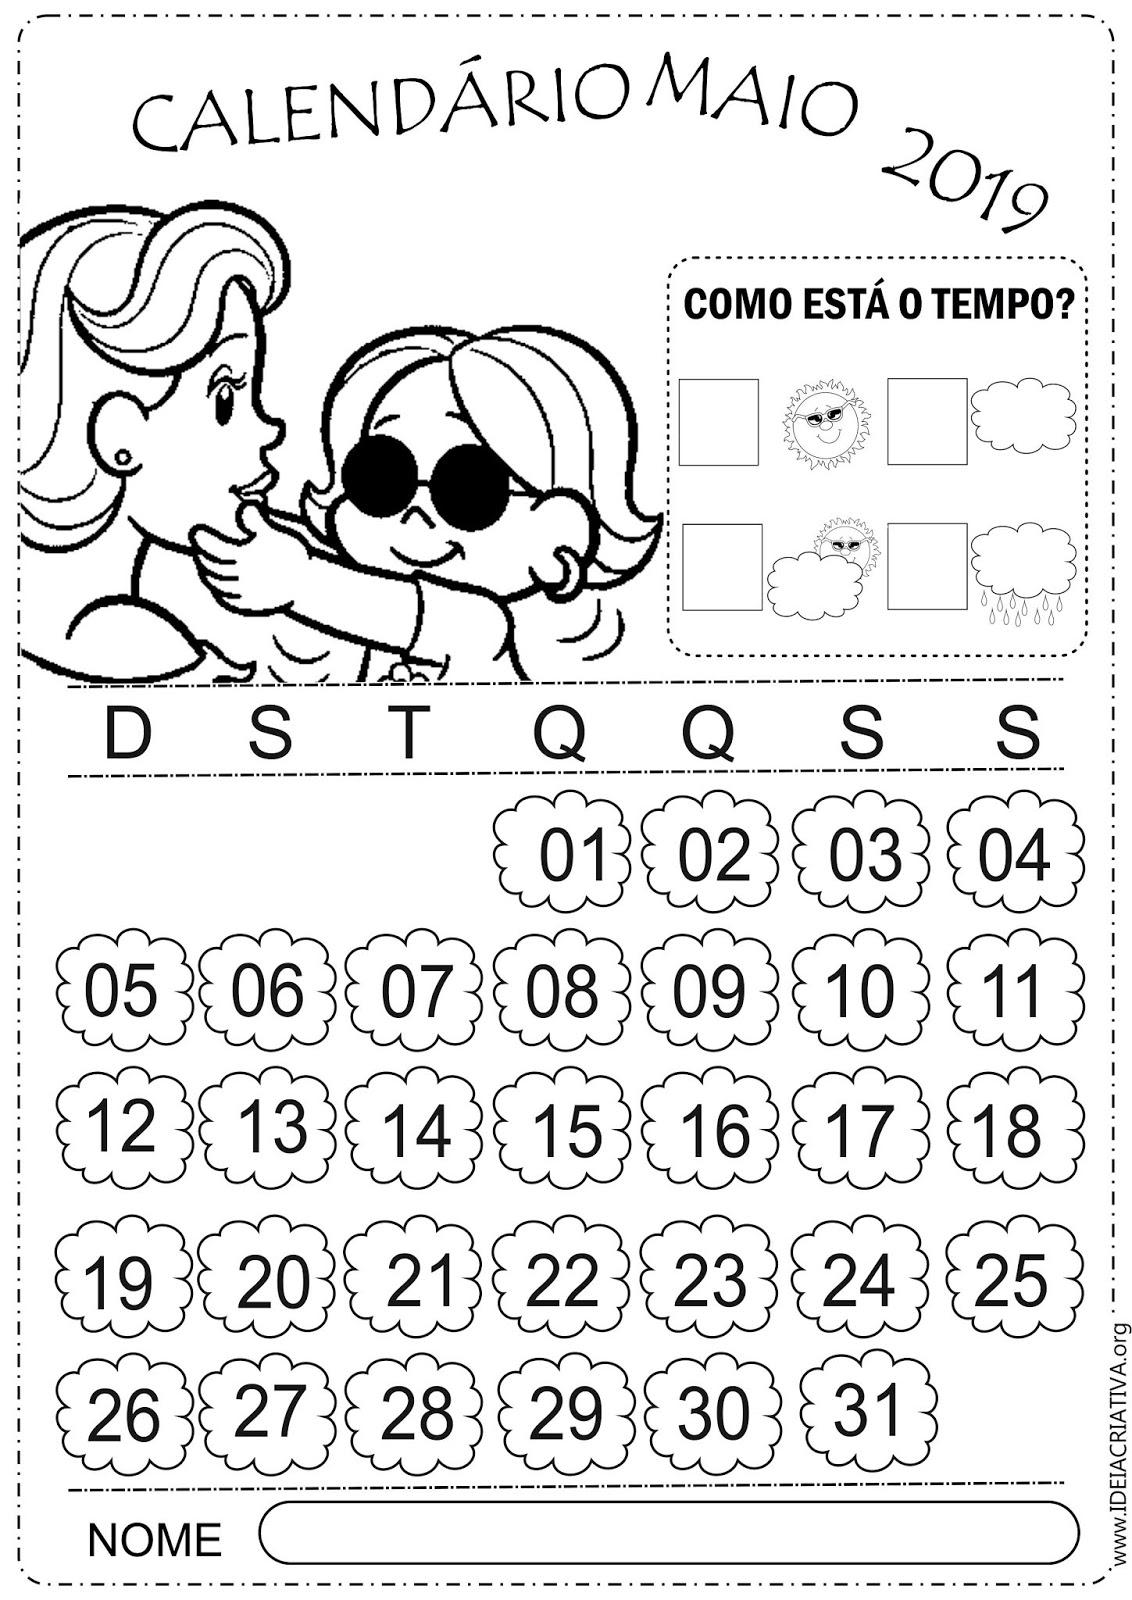 Calendarios Escolares Maio Turma Da Monica Para Colorir E Imprimir